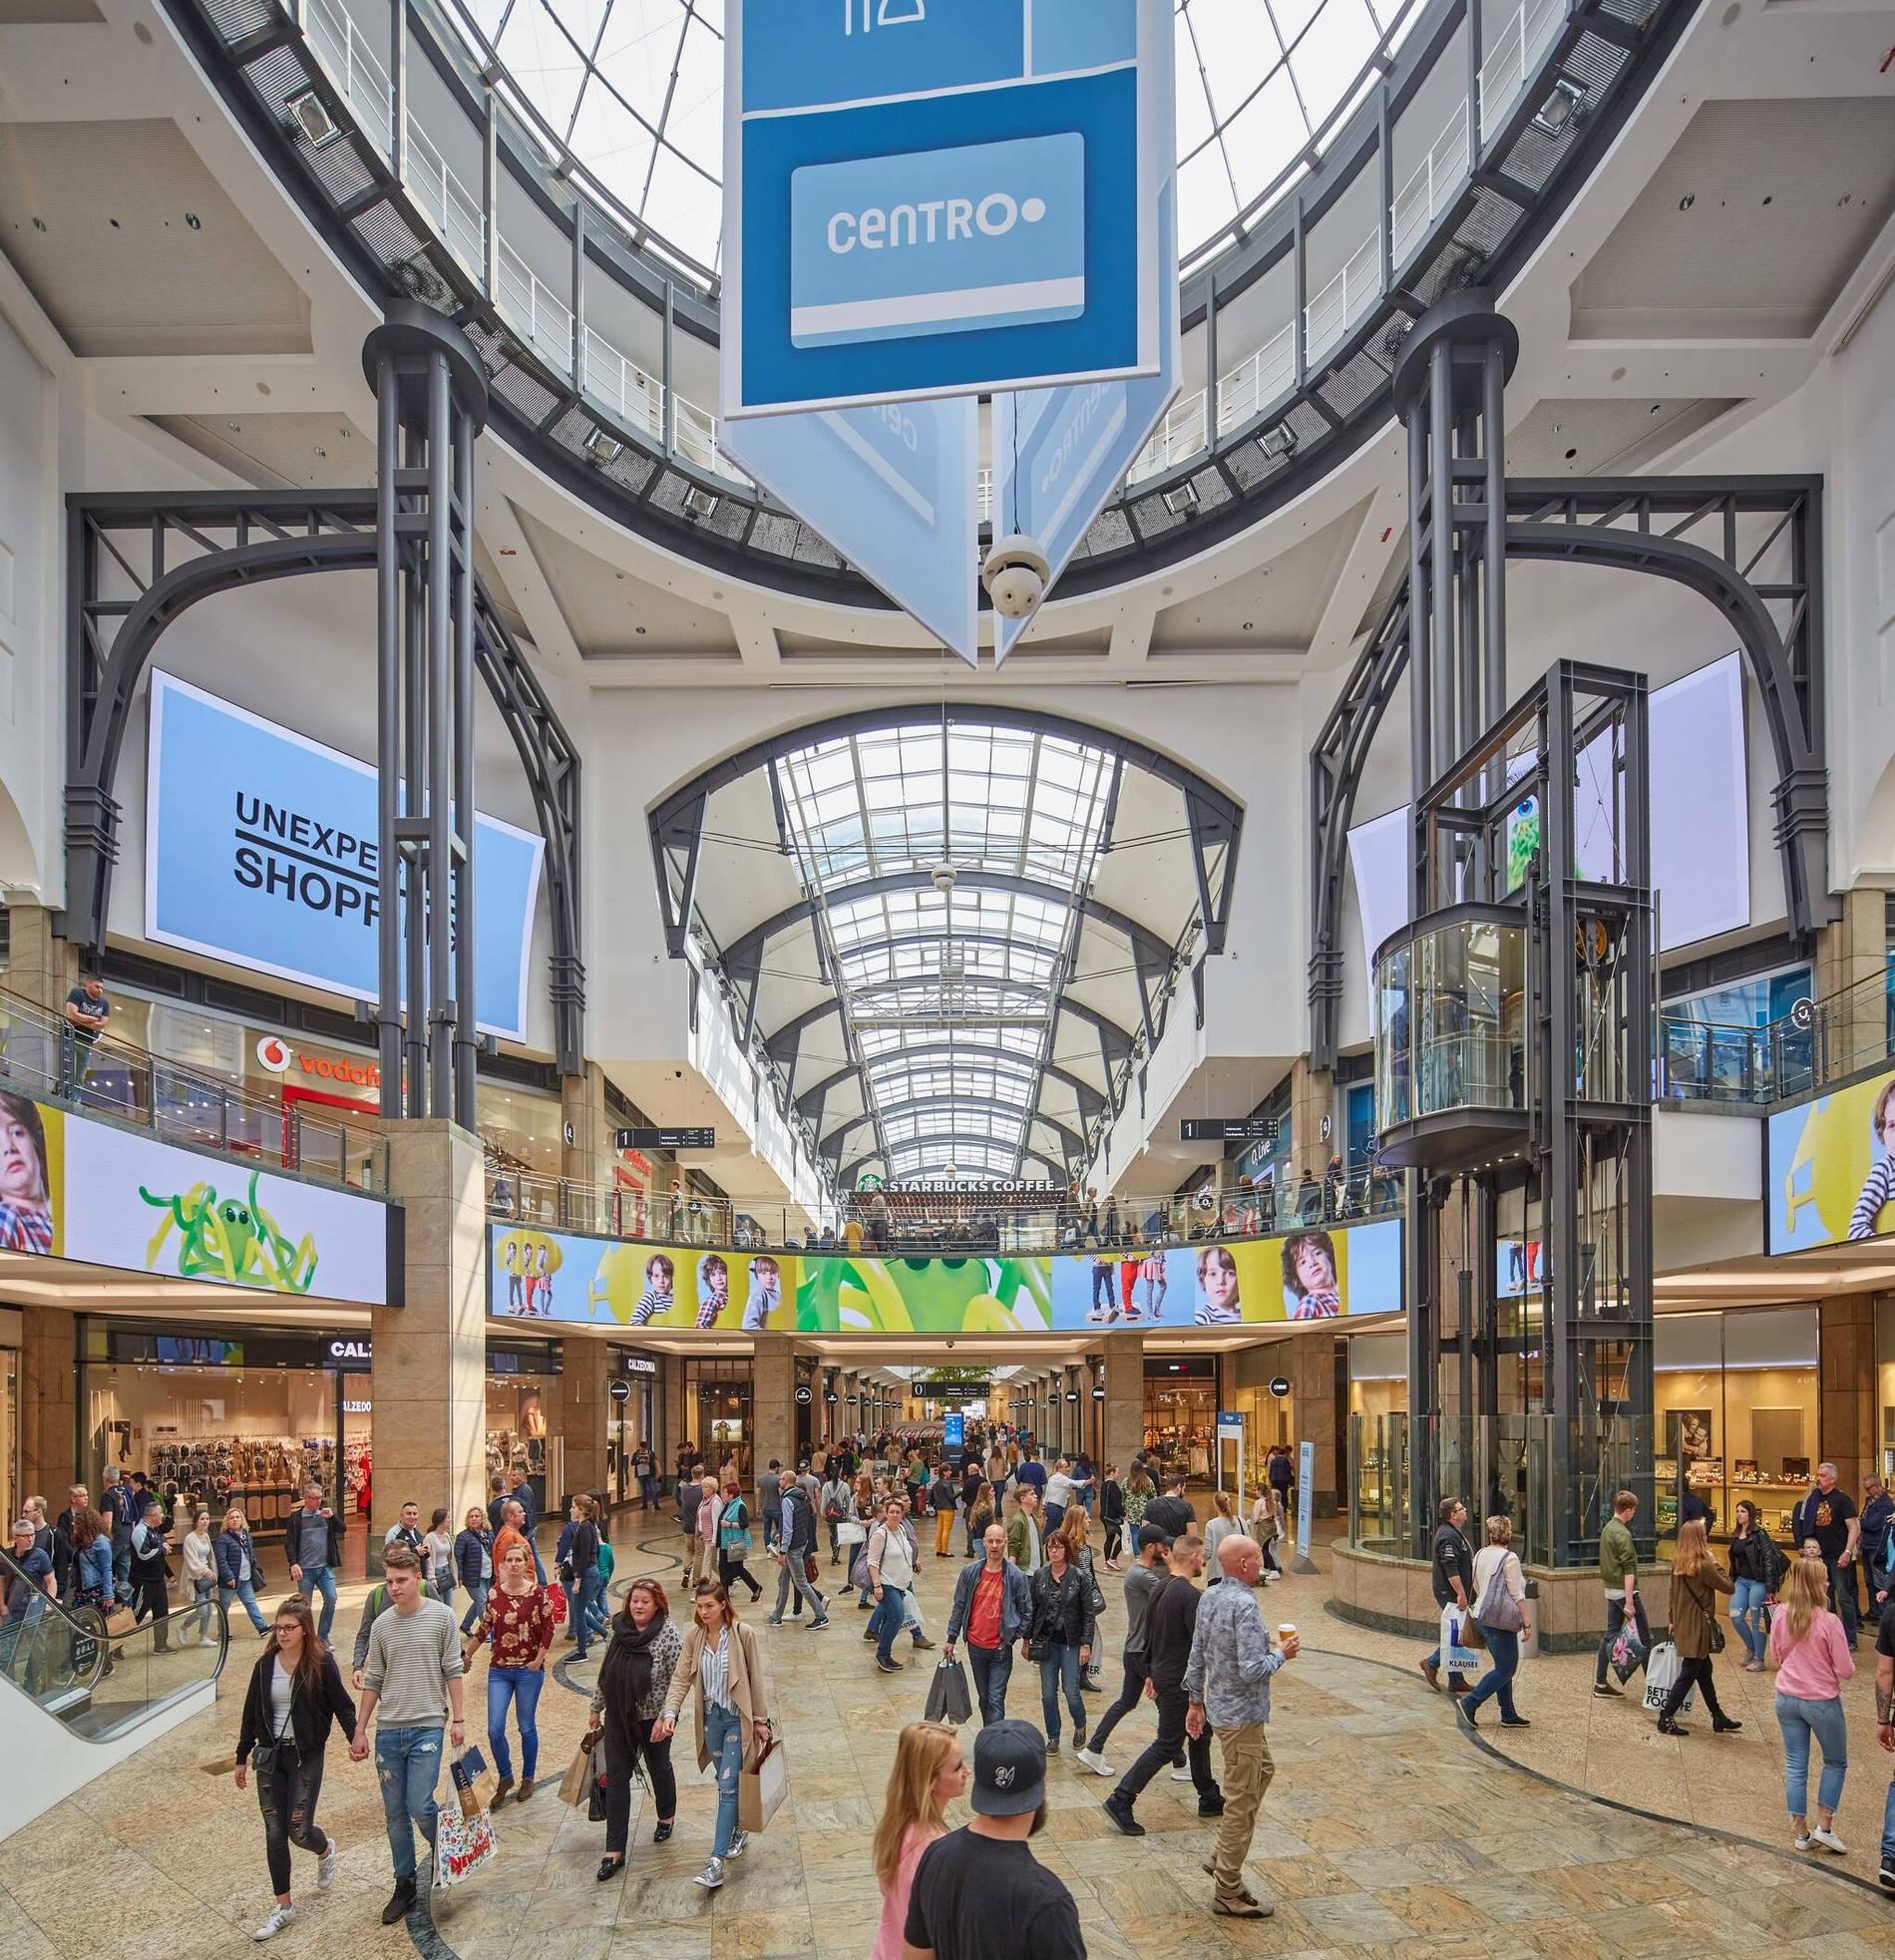 Luchs Center Oberhausen : centro oberhausen einkaufszentrum soll angeblich neuen ~ Watch28wear.com Haus und Dekorationen